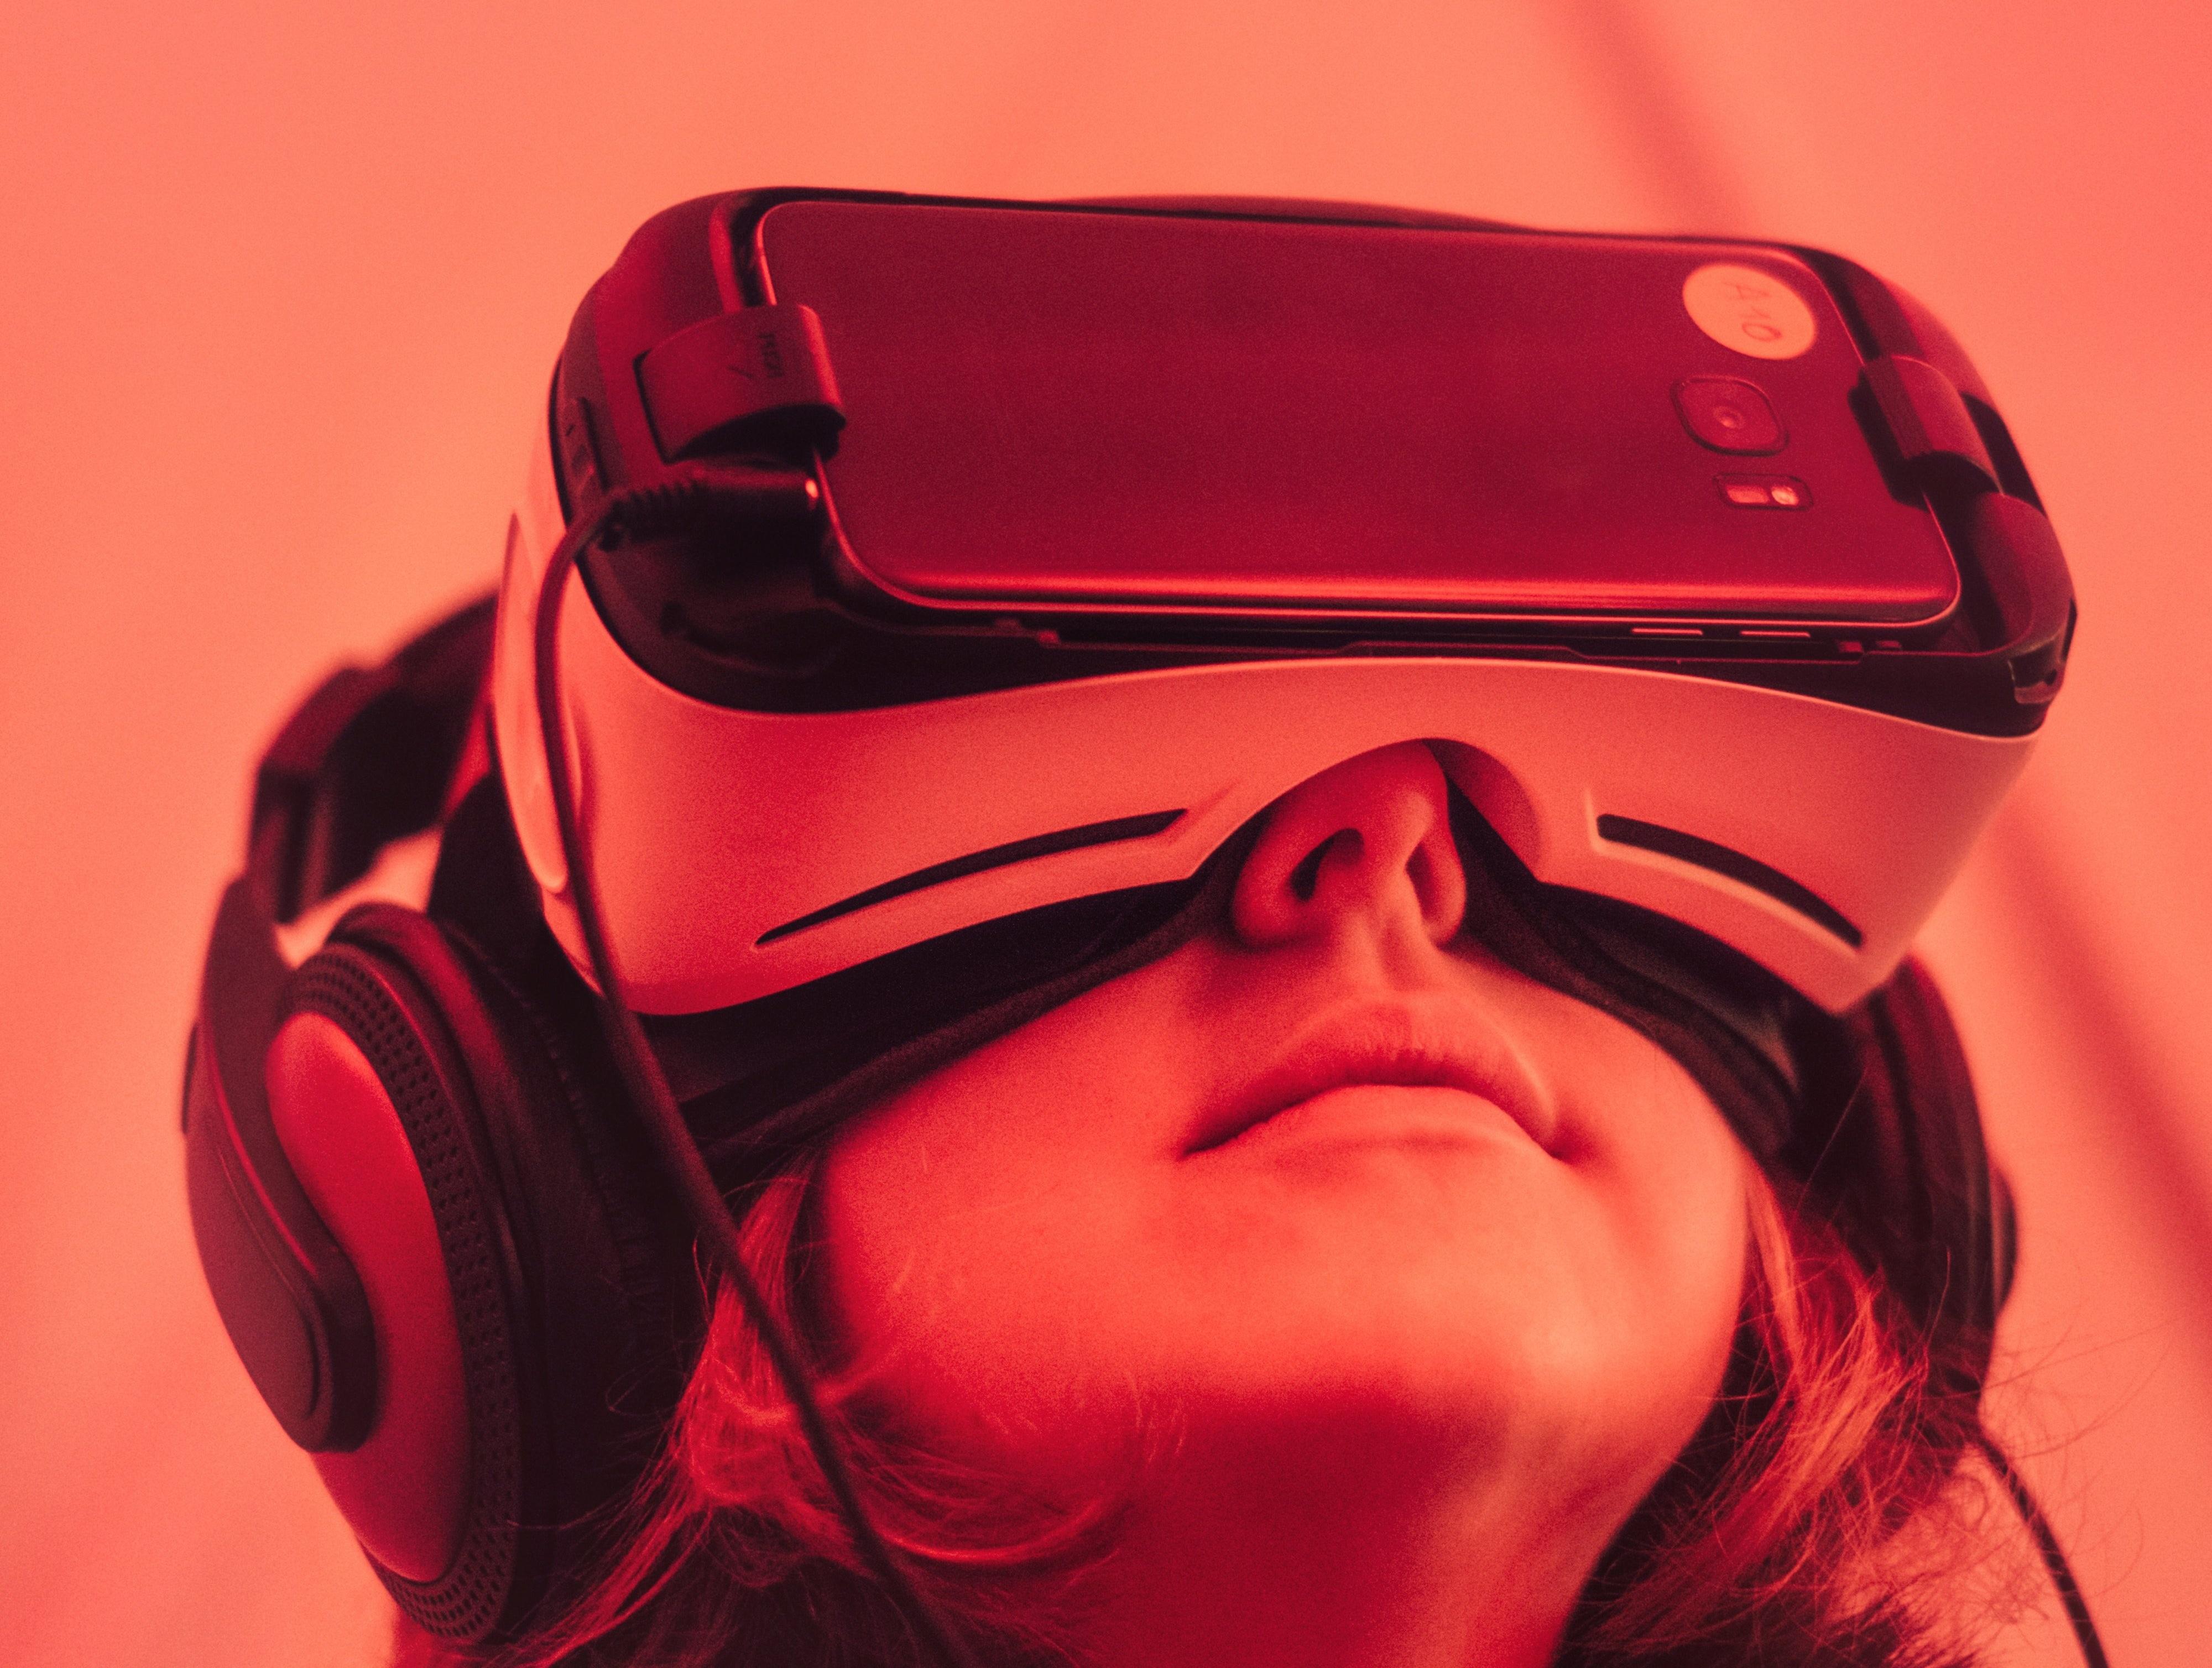 juegos marketing desarrollo gamming estrategias publicidad pantallas via publica digital cordoba argentina realidad aumentada virtual-920969-edited.jpg